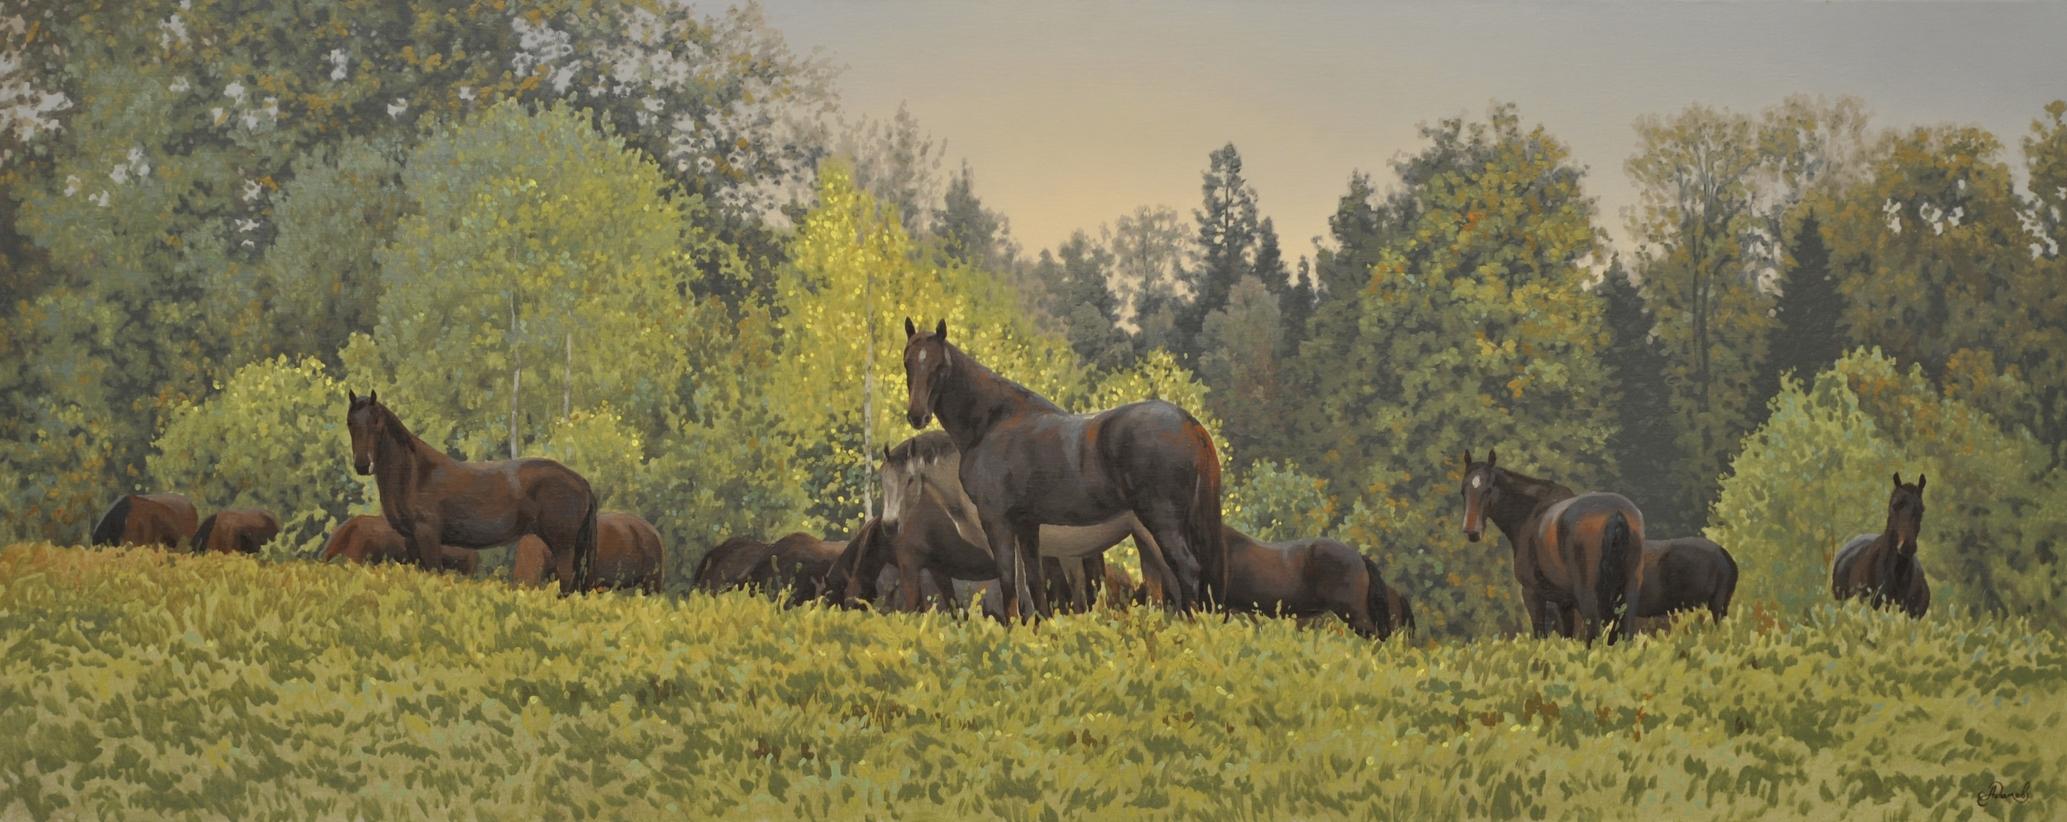 Дикие лошади у леса.JPG